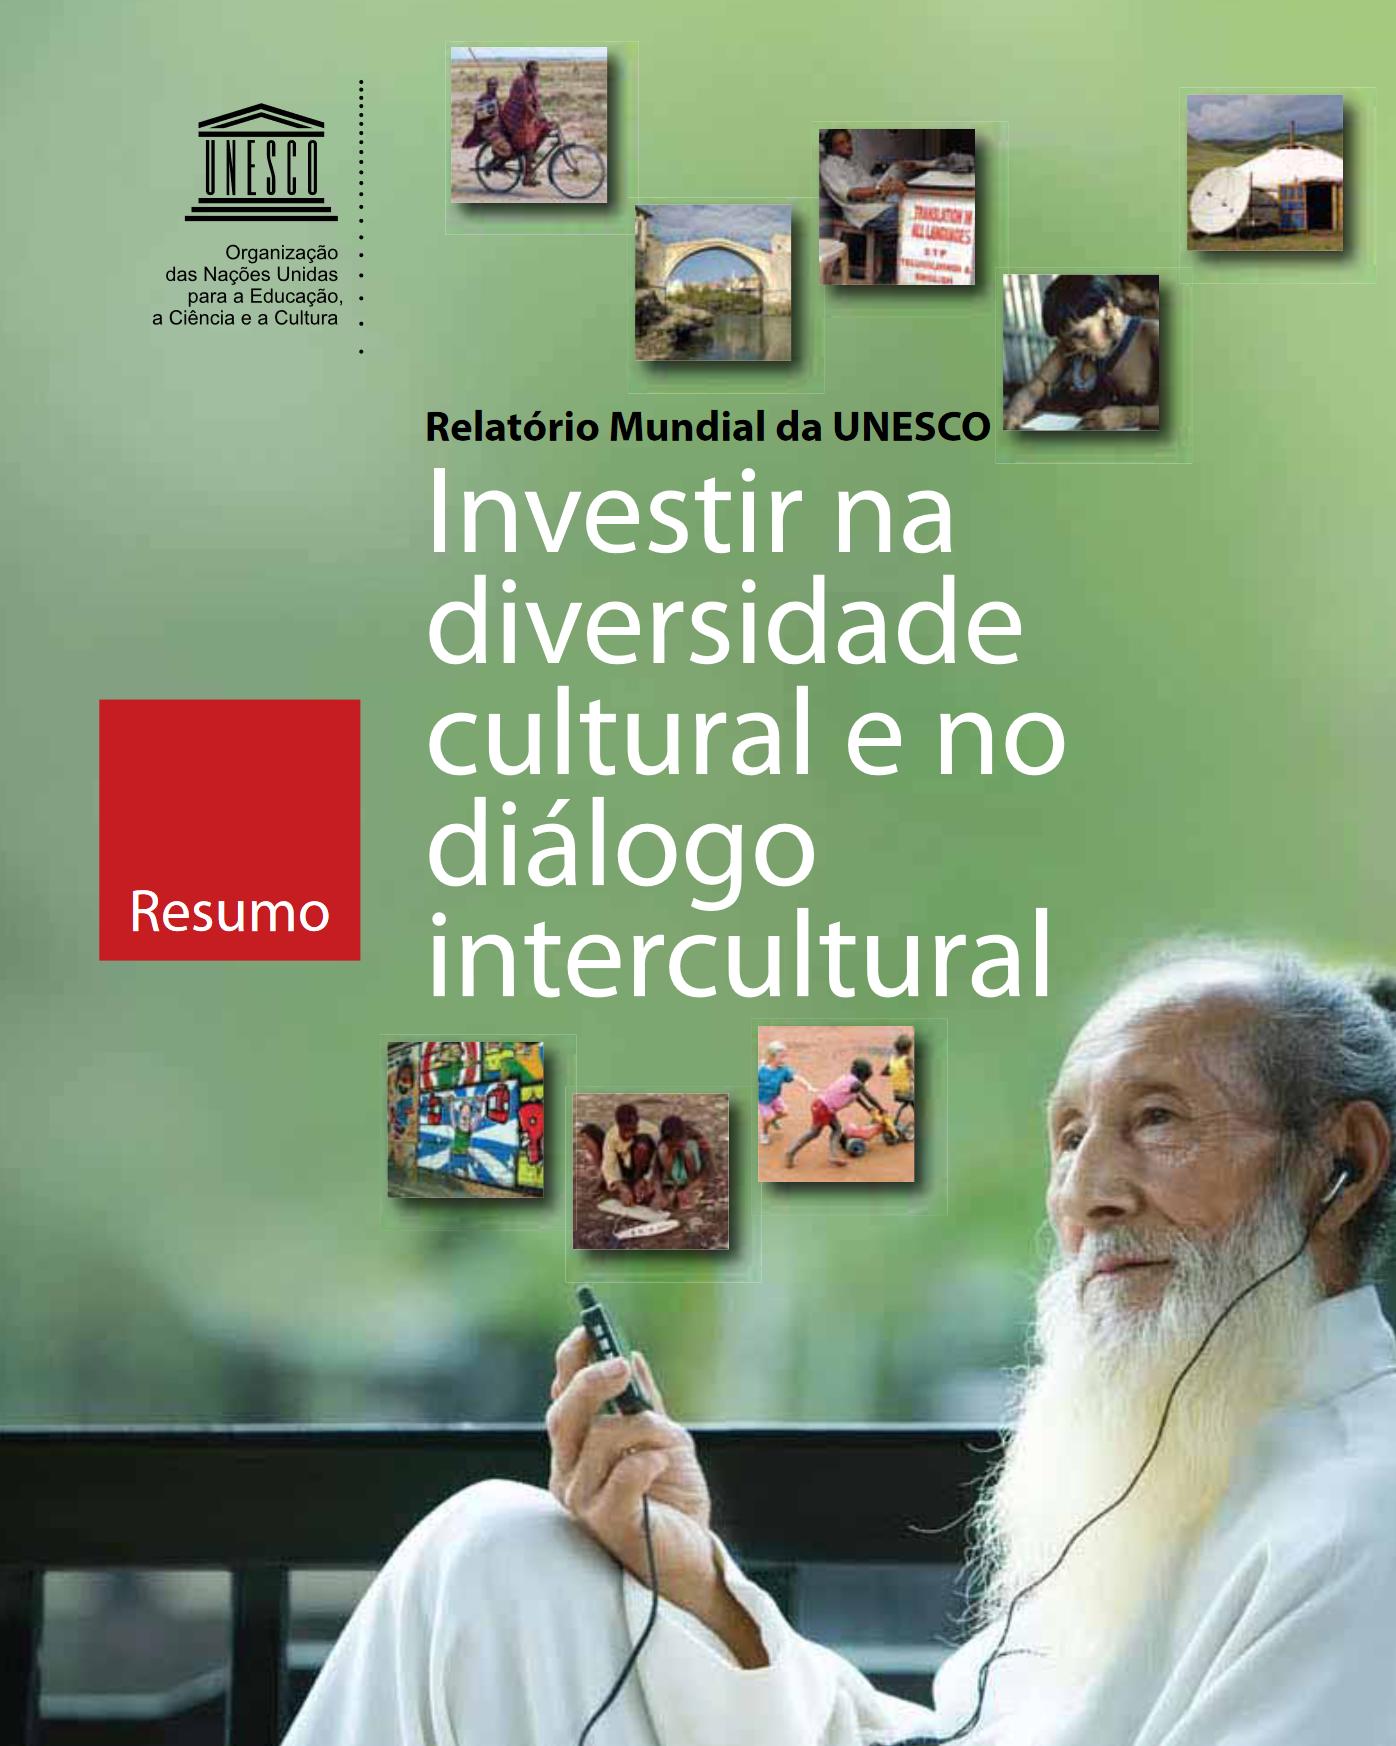 investir na diversidade cultural e no diálogo intercultural Investir na diversidade cultural e no diálogo intercultural Investir na diversidade cultural e no dialogo intercultural capa